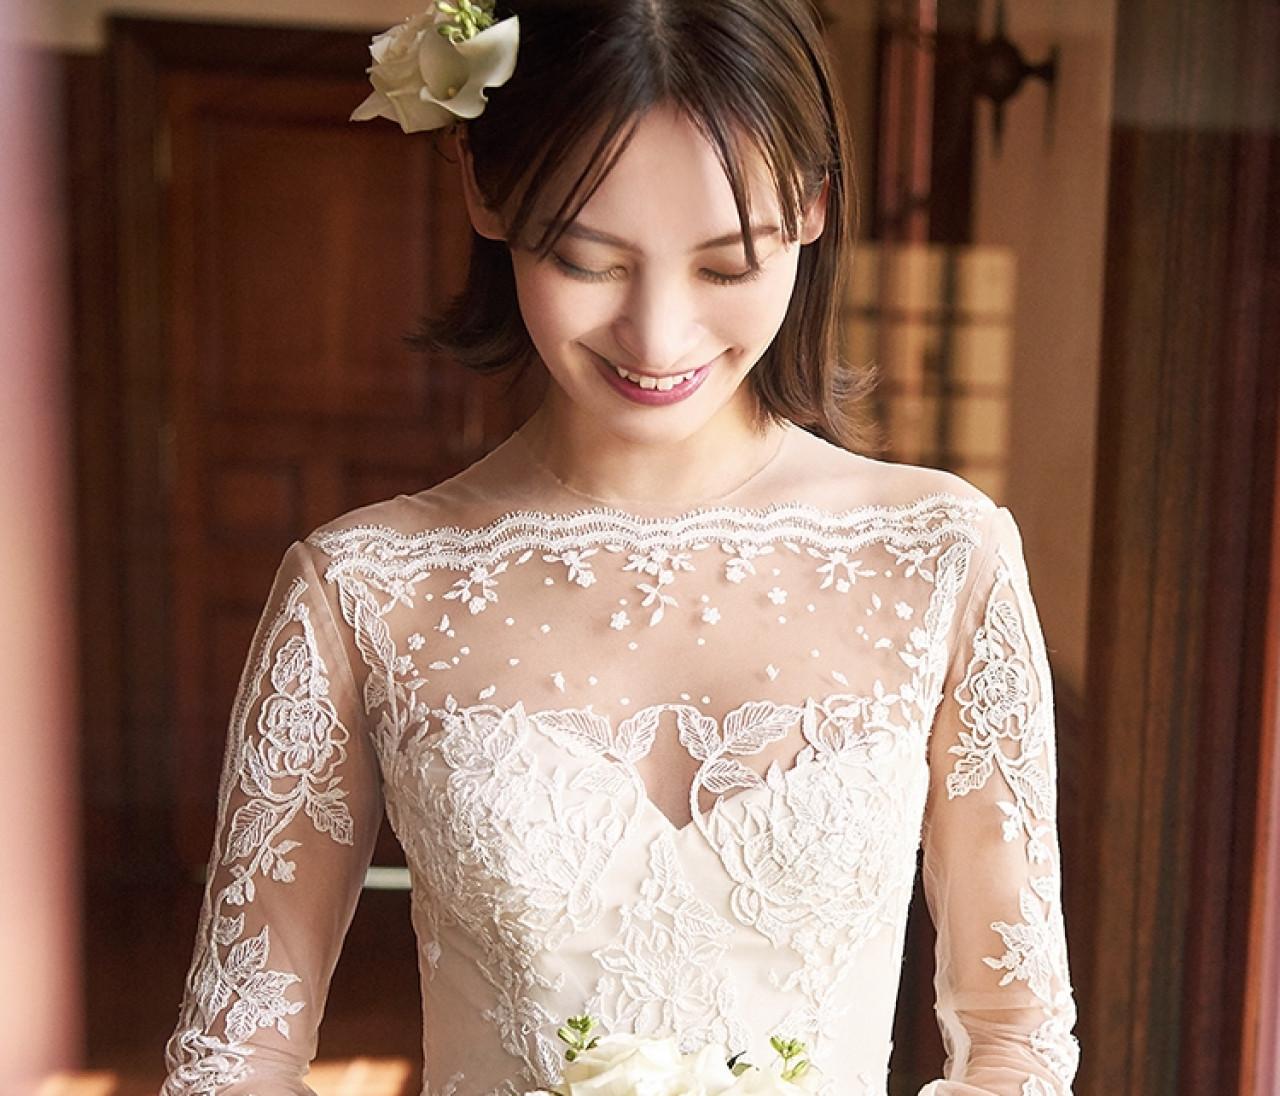 【ウエディングドレスまとめ】最愛ドレス89選!似合う白診断も♡【結婚式で最高の花嫁になる!1】